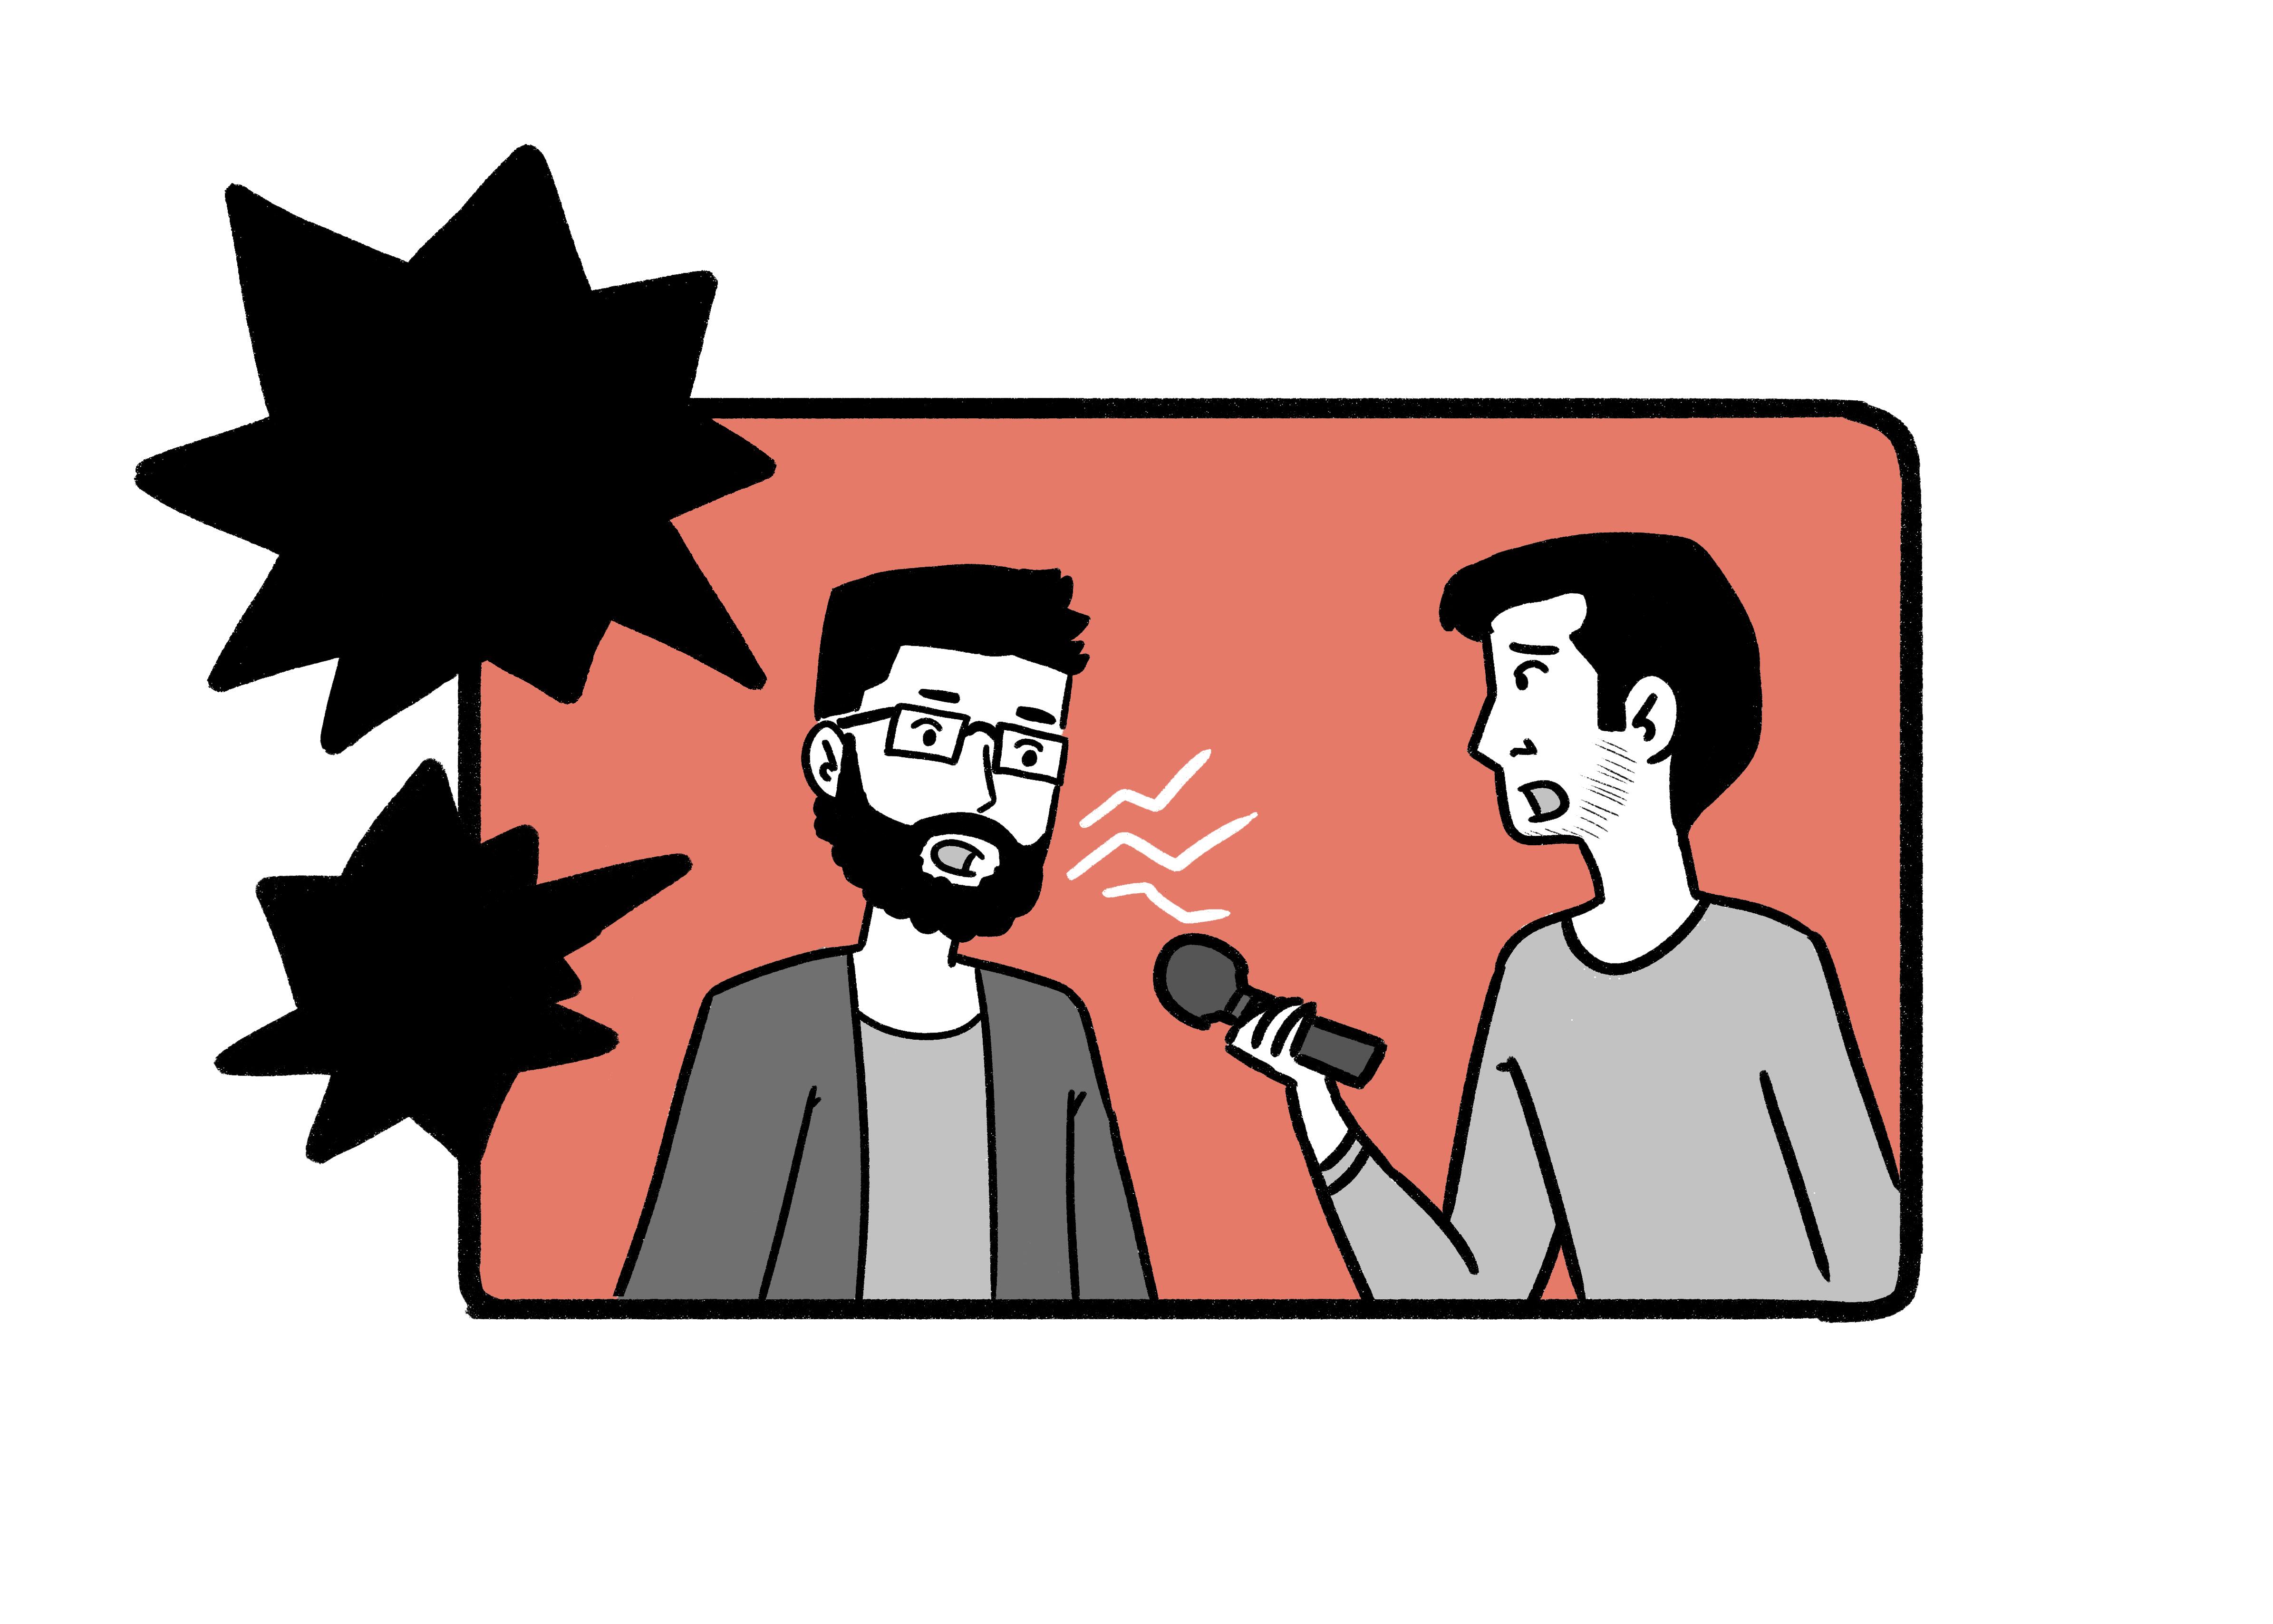 Steven Crowder Harms Debate